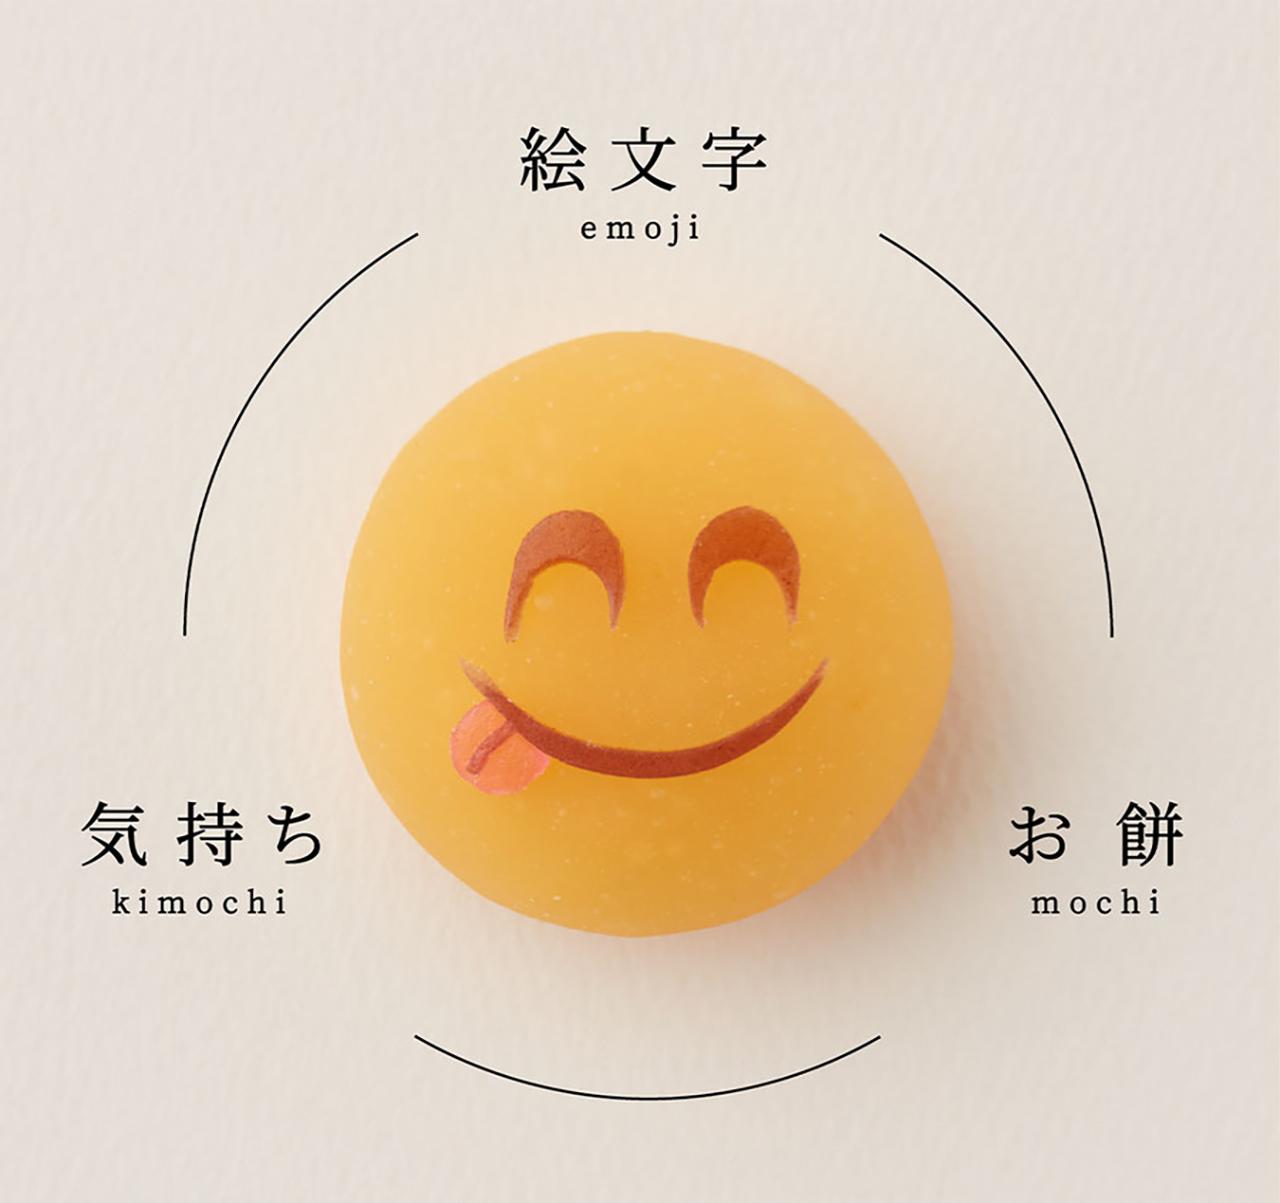 """จากความคิดอยากส่งต่อความรู้สึก (Kimochi) ด้วยสัญลักษณ์แสดงอารมณ์ (Emoji) มารวมกับขนม Mochi เกิดเป็นชื่อน่ารักๆ ว่า """"Emochi"""""""